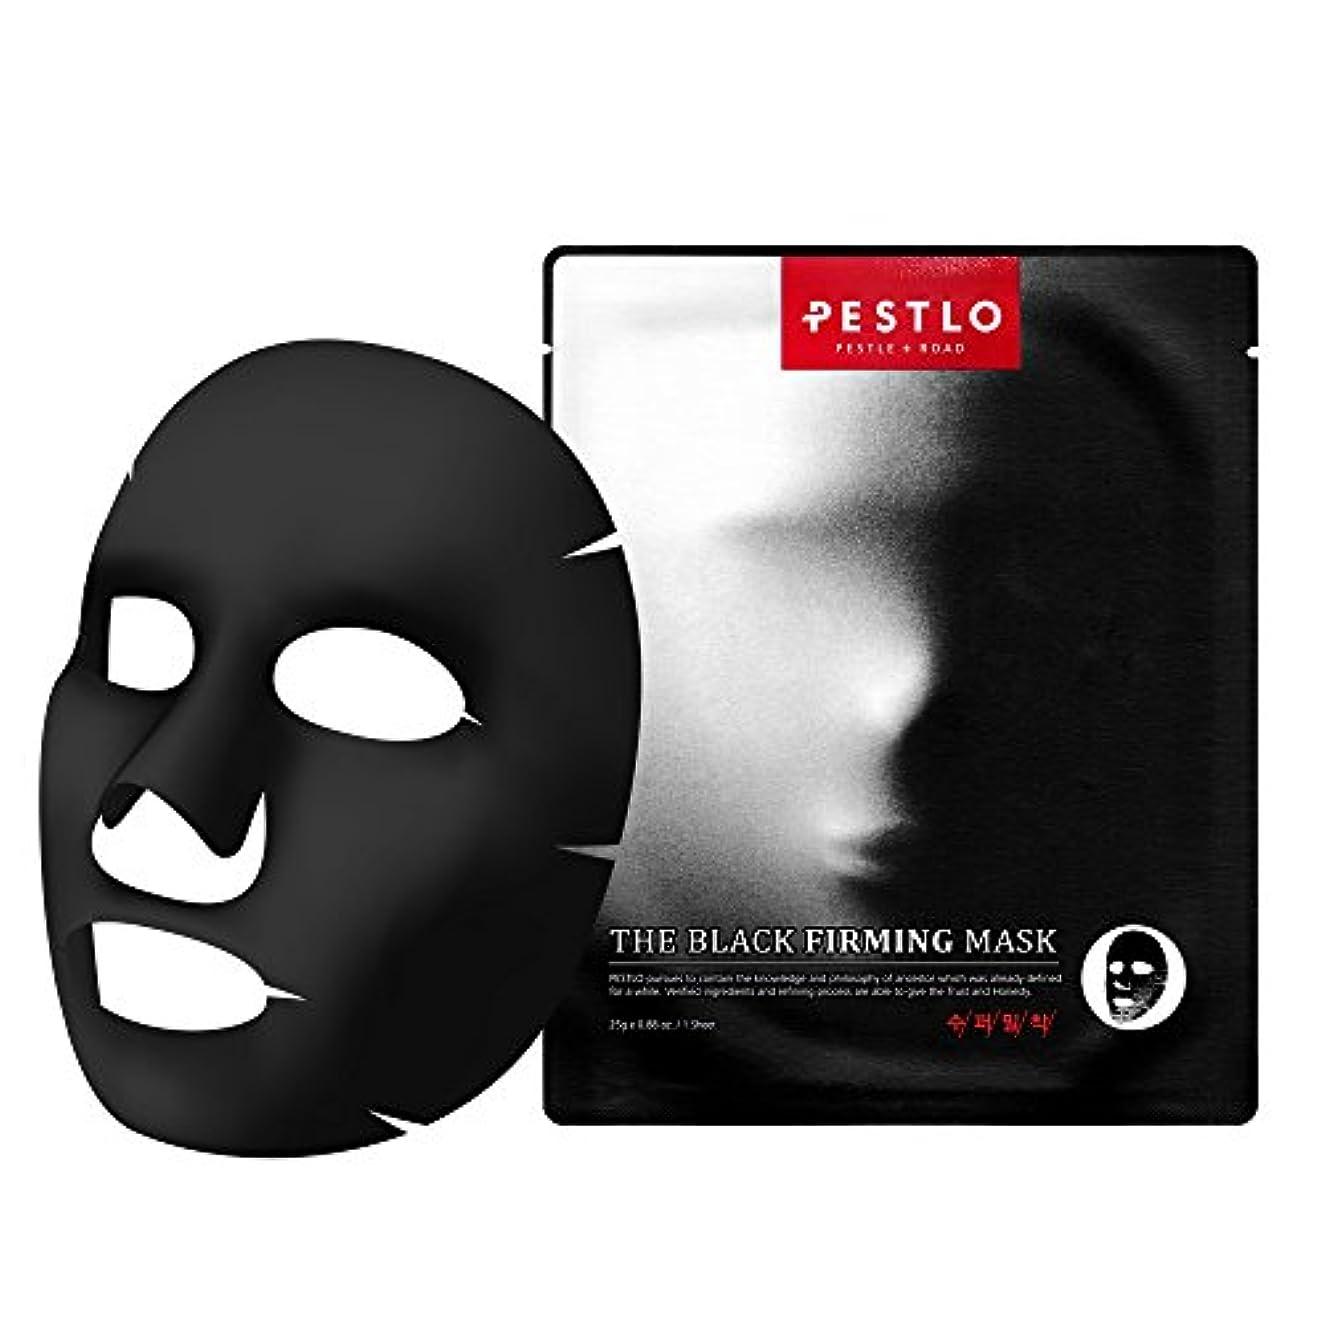 封建不誠実現れるPestlo The Black Firming Mask 7 Sheets 【ペスロザブラックファーミングマスク】 - モイスチャ 抗酸化効果 透明スキンケア 韓国コスメ 1シート / 25g